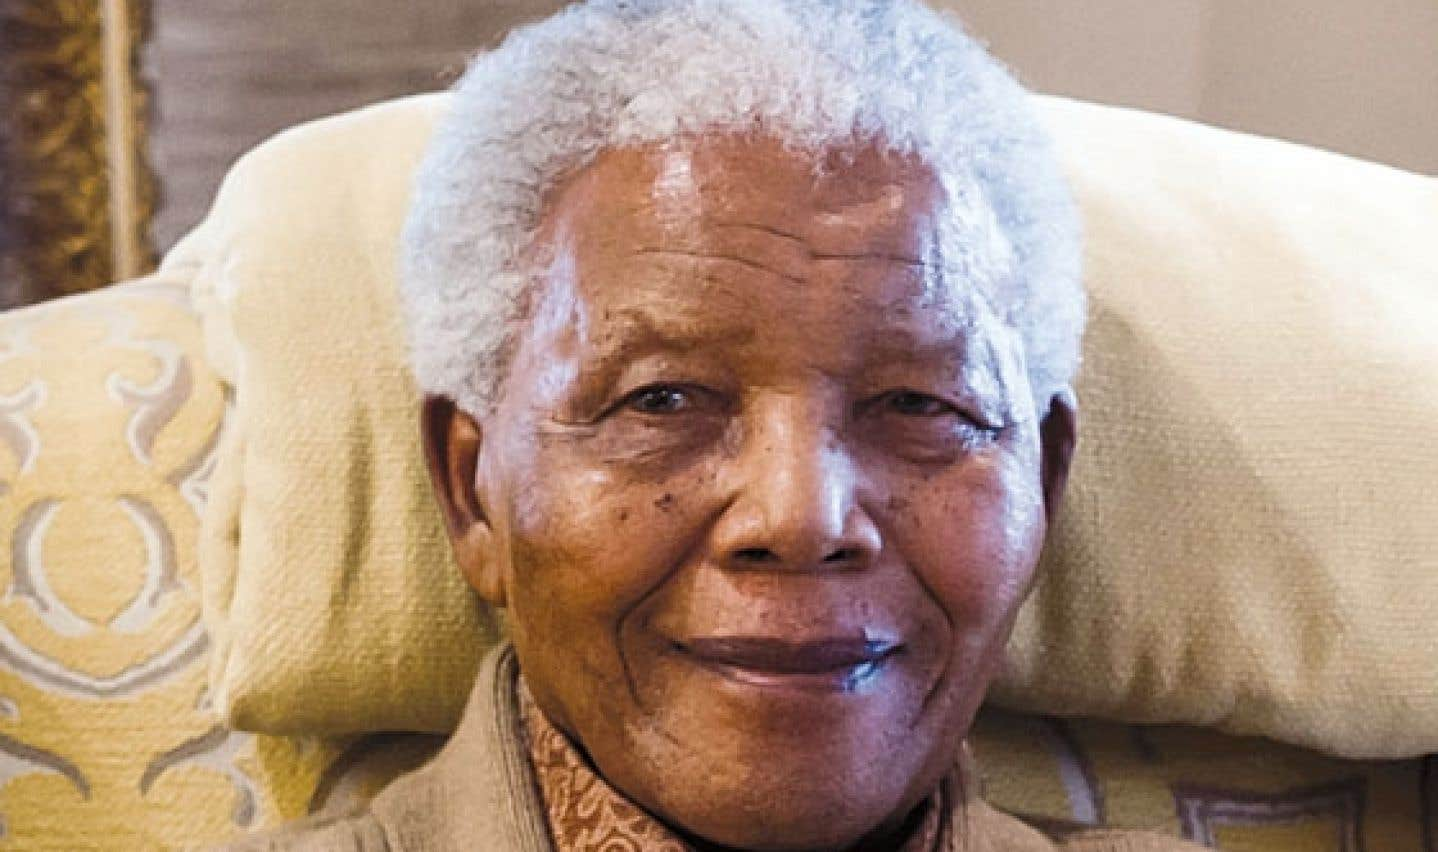 Afrique du Sud - Mandela est de nouveau hospitalisé